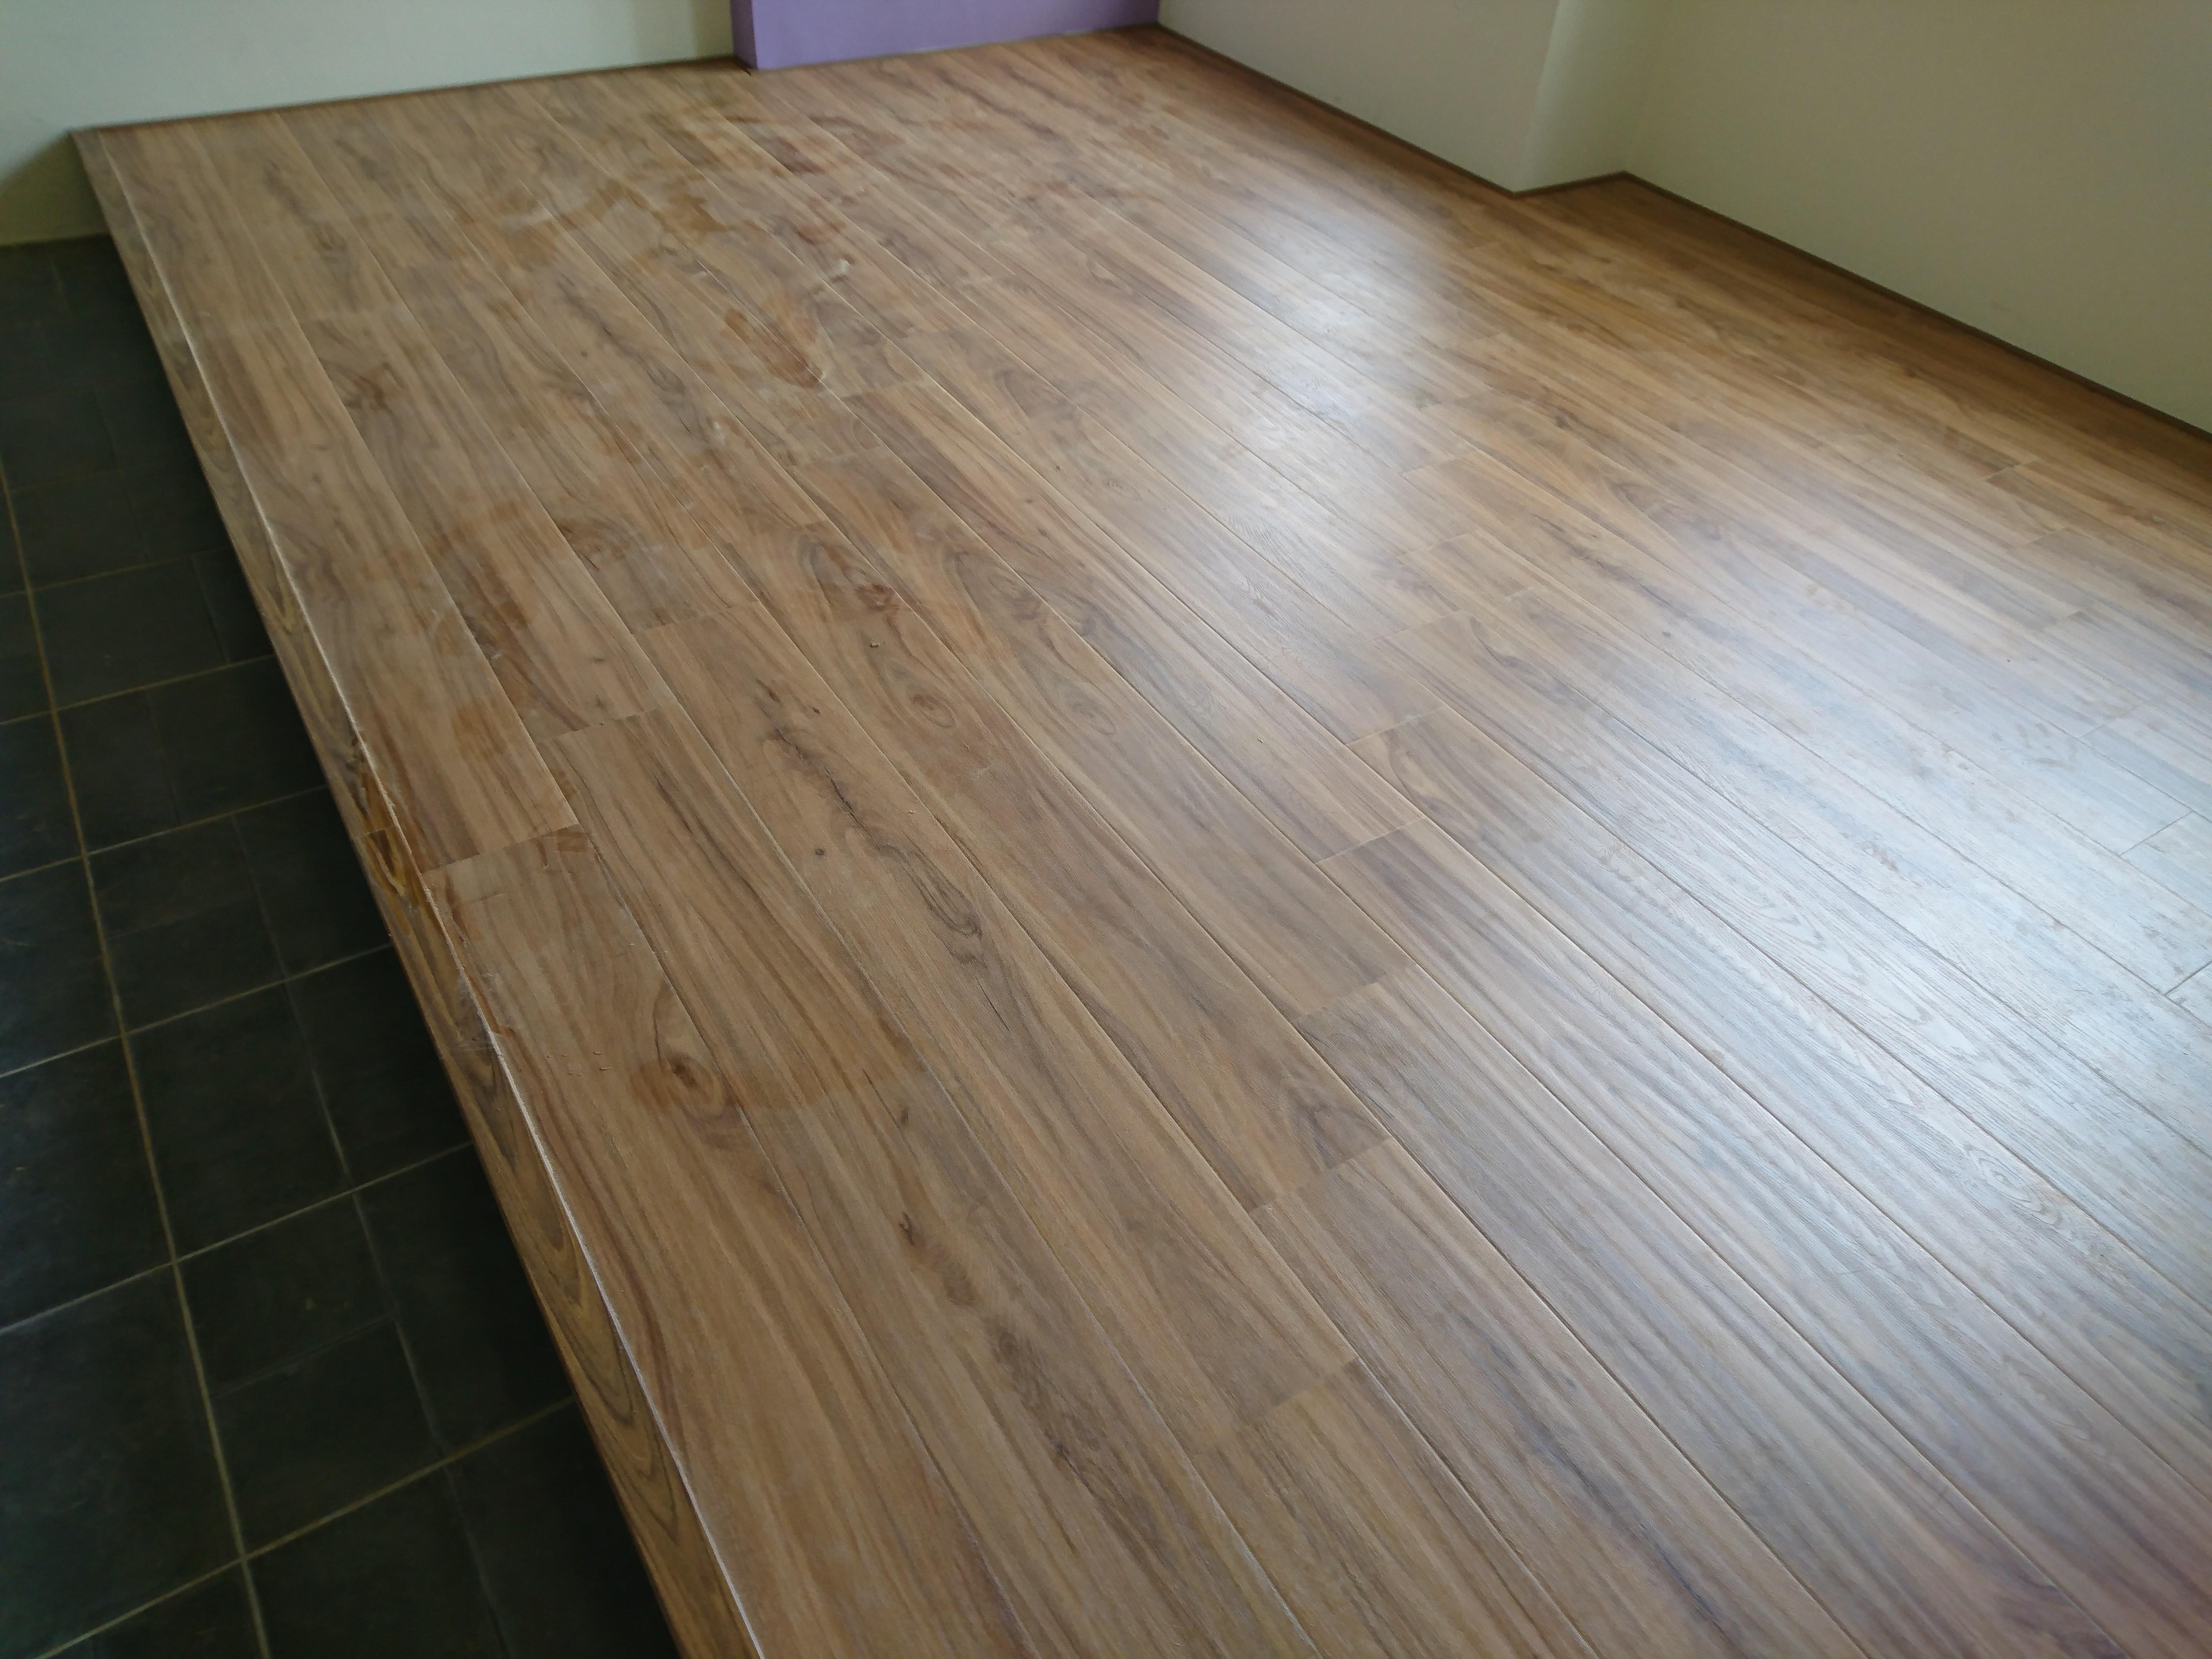 美瑞格Mercury 超耐磨地板 皇家白柚